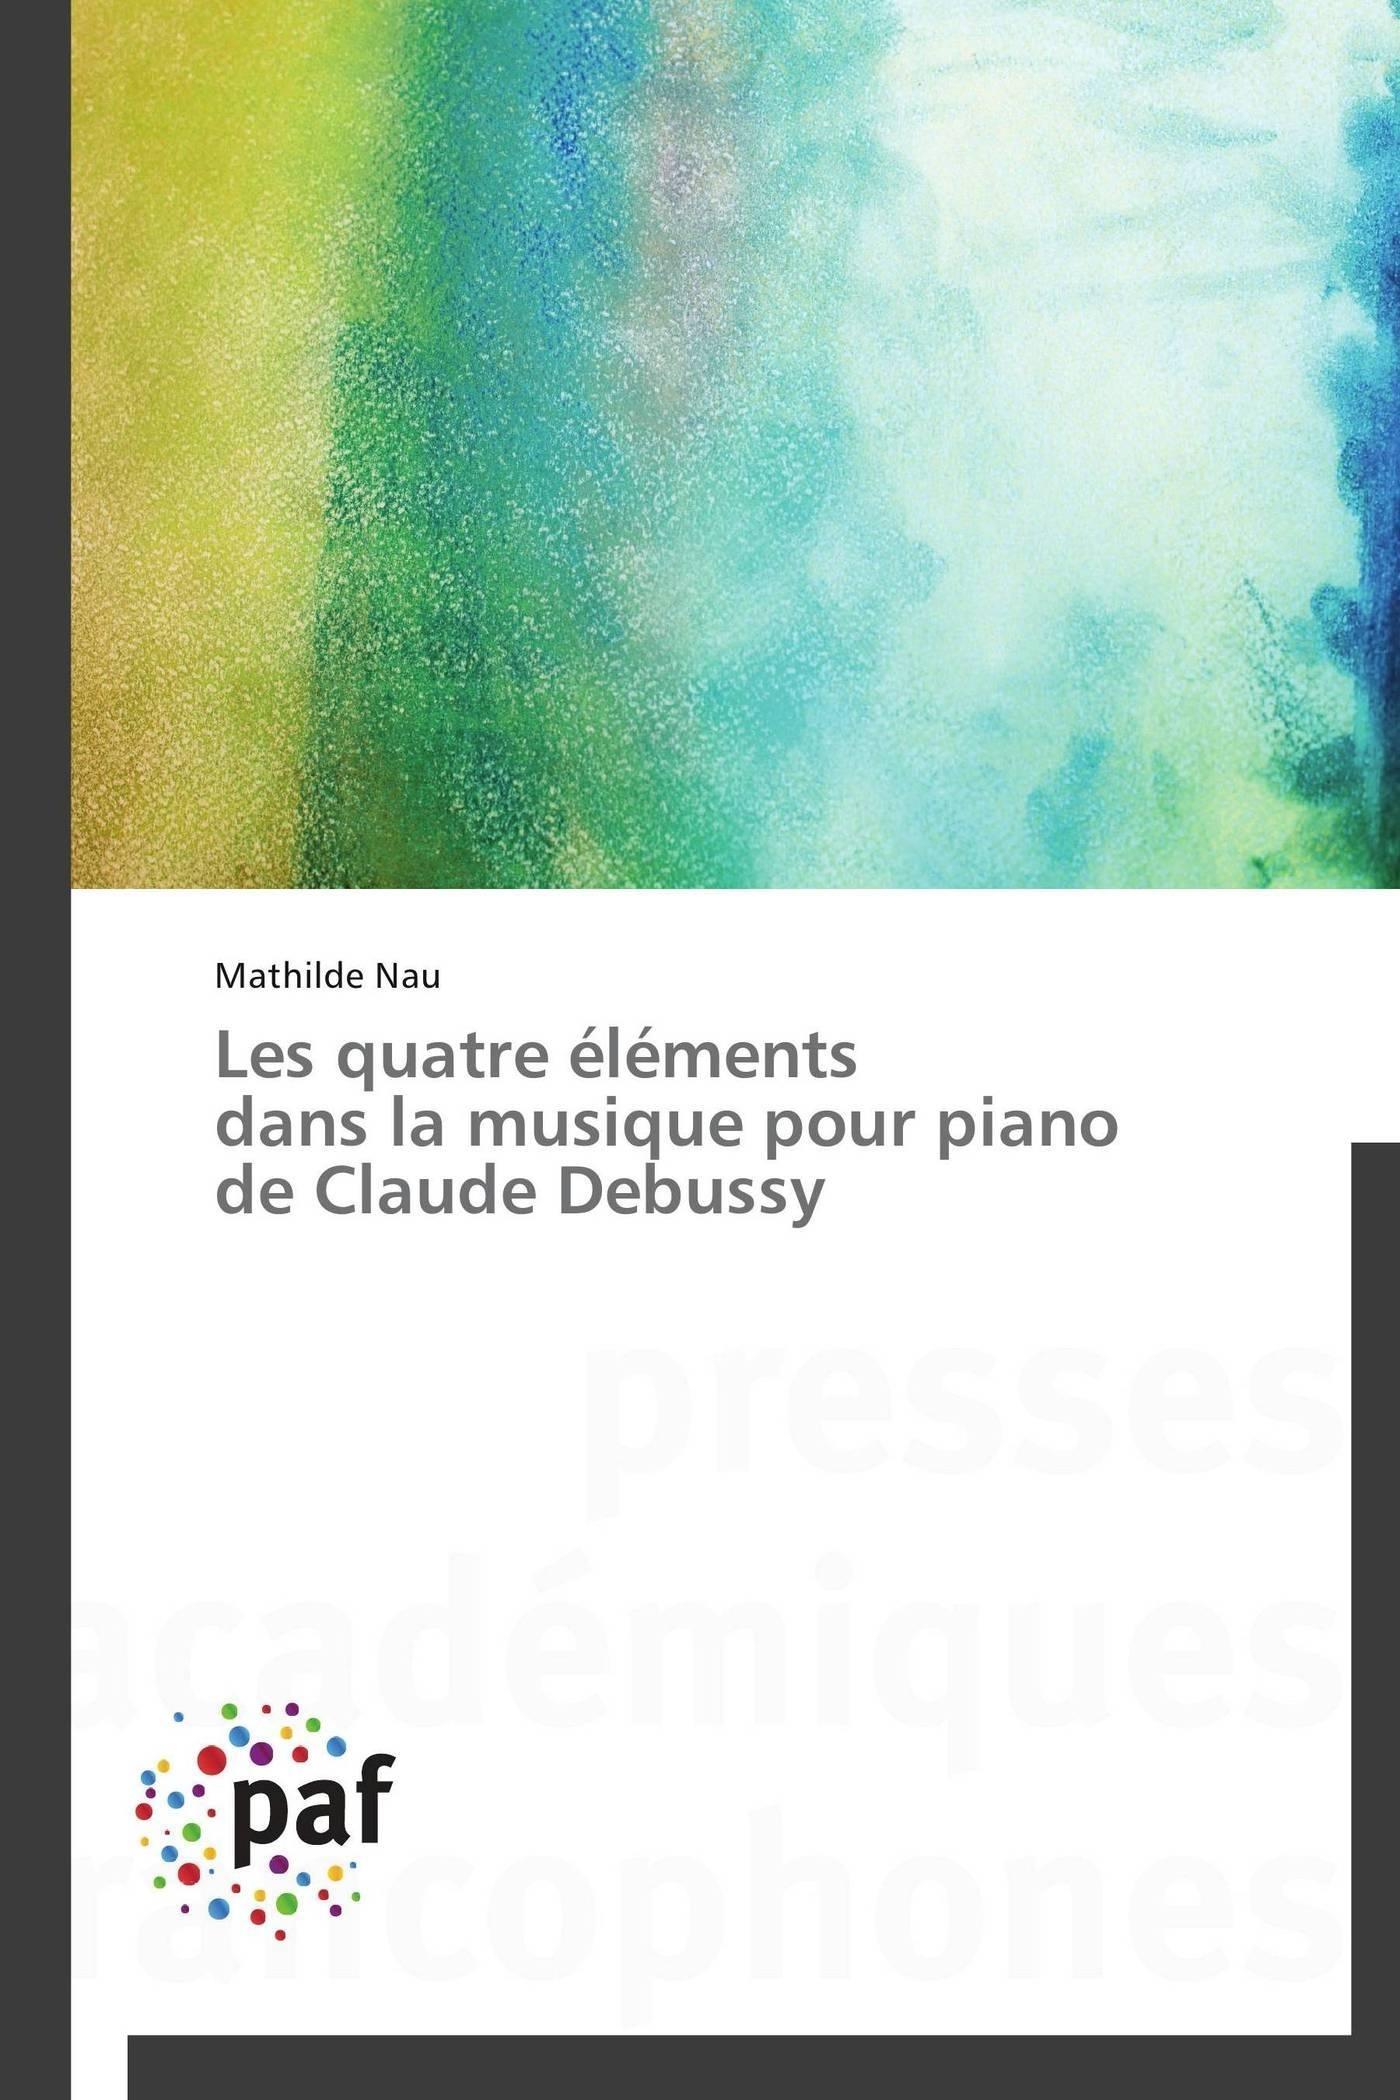 LES QUATRE ELEMENTS DANS LA MUSIQUE POUR PIANO DE CLAUDE DEBUSSY